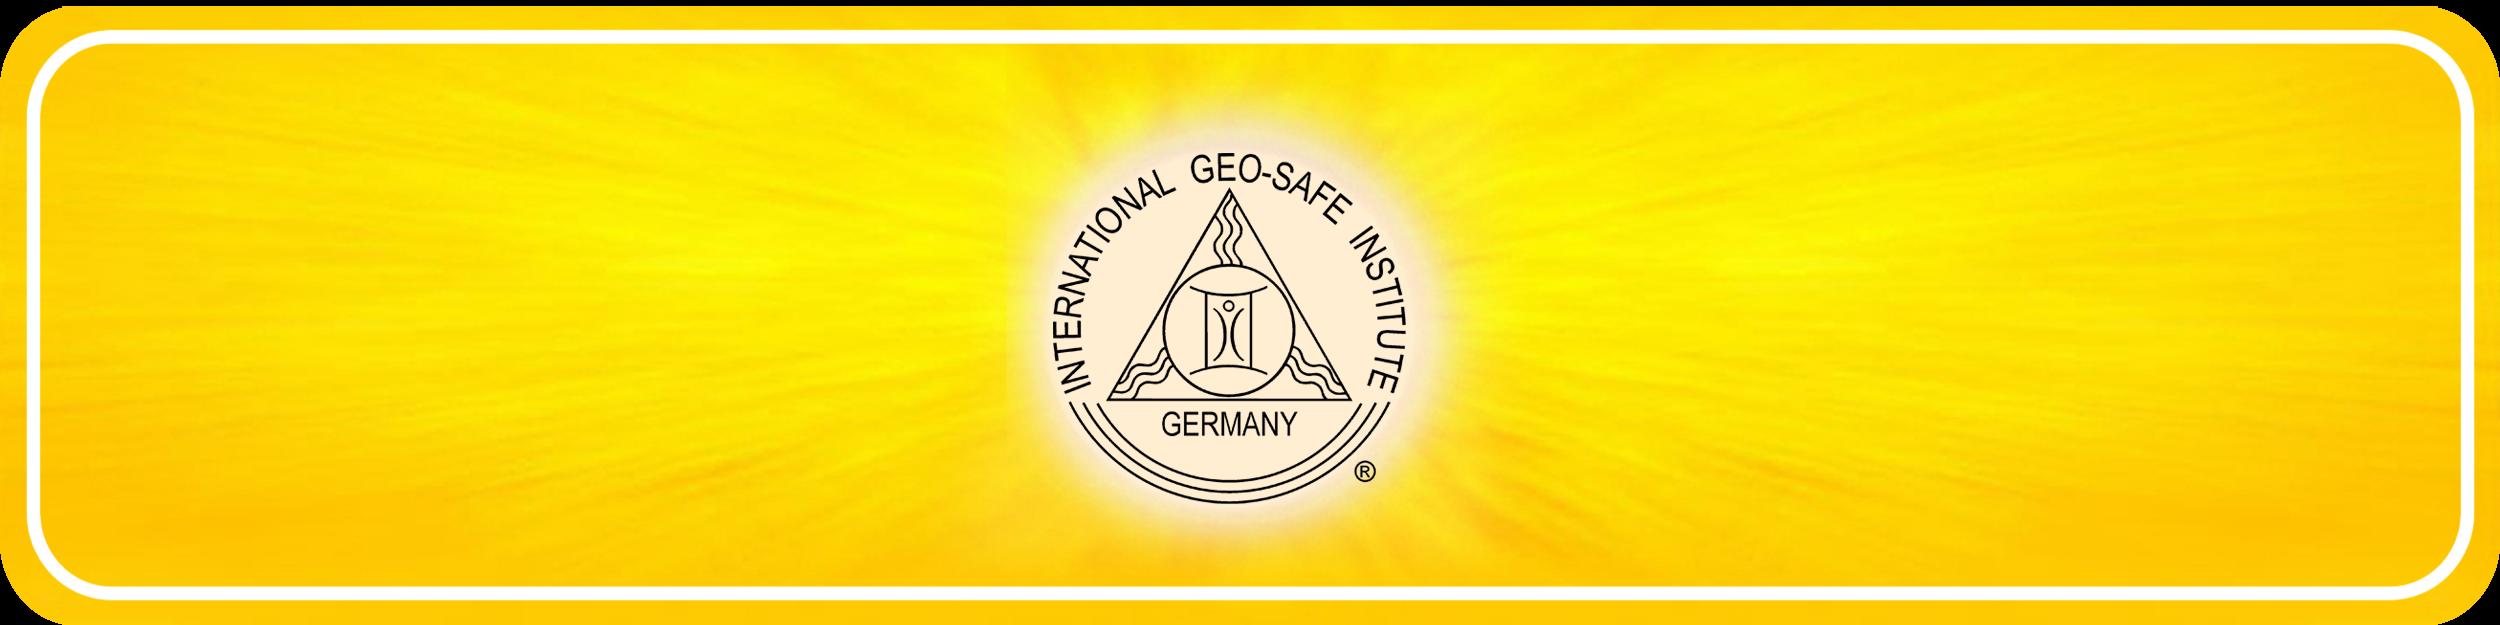 INTERNATIONAL GEO-SAFE INSTITUTE Dieter Schäfer